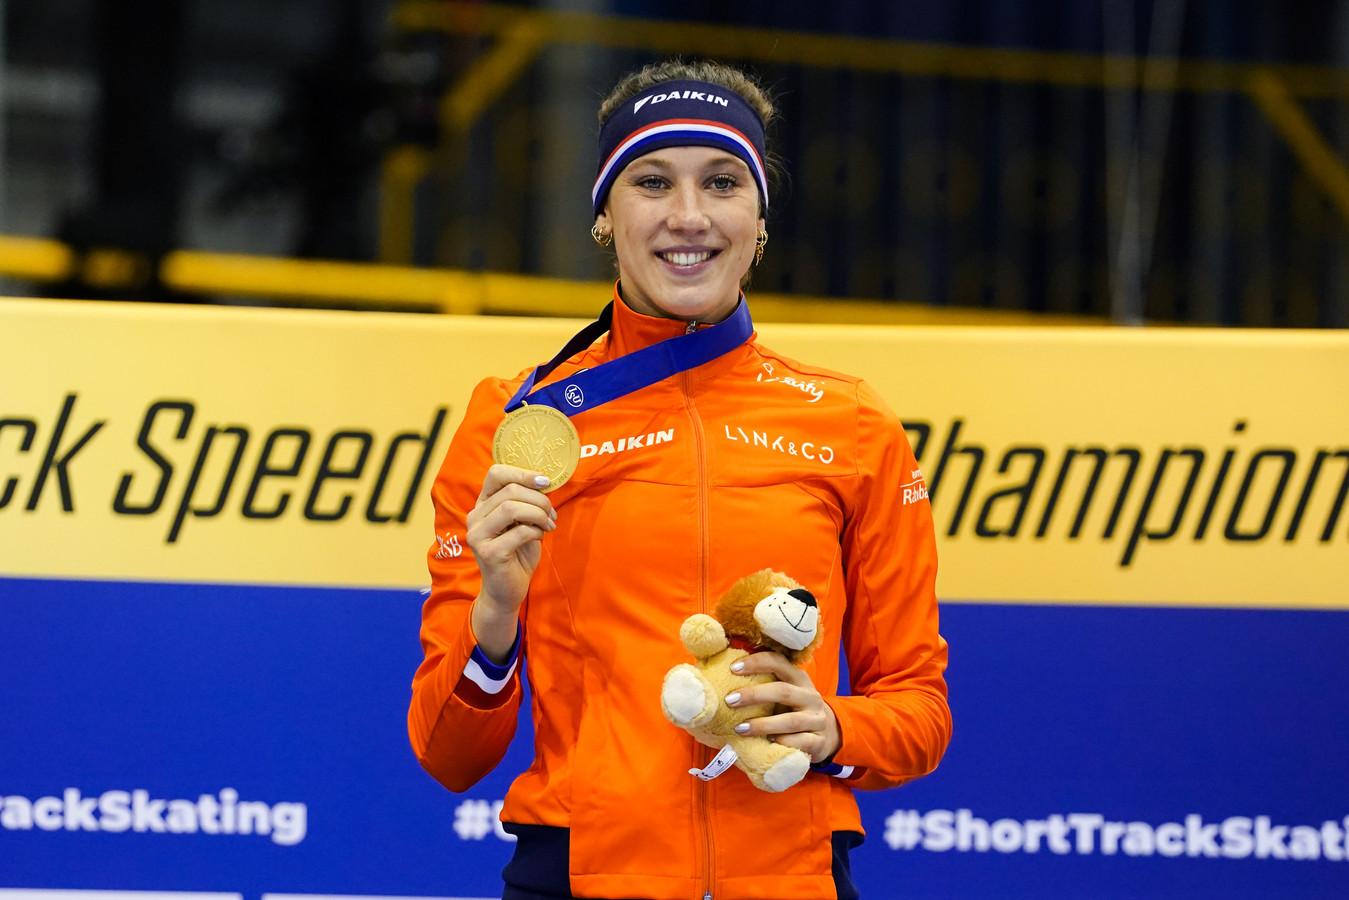 Suzanne Schulting was zaterdag al de beste op de 1500 en 500 meter.